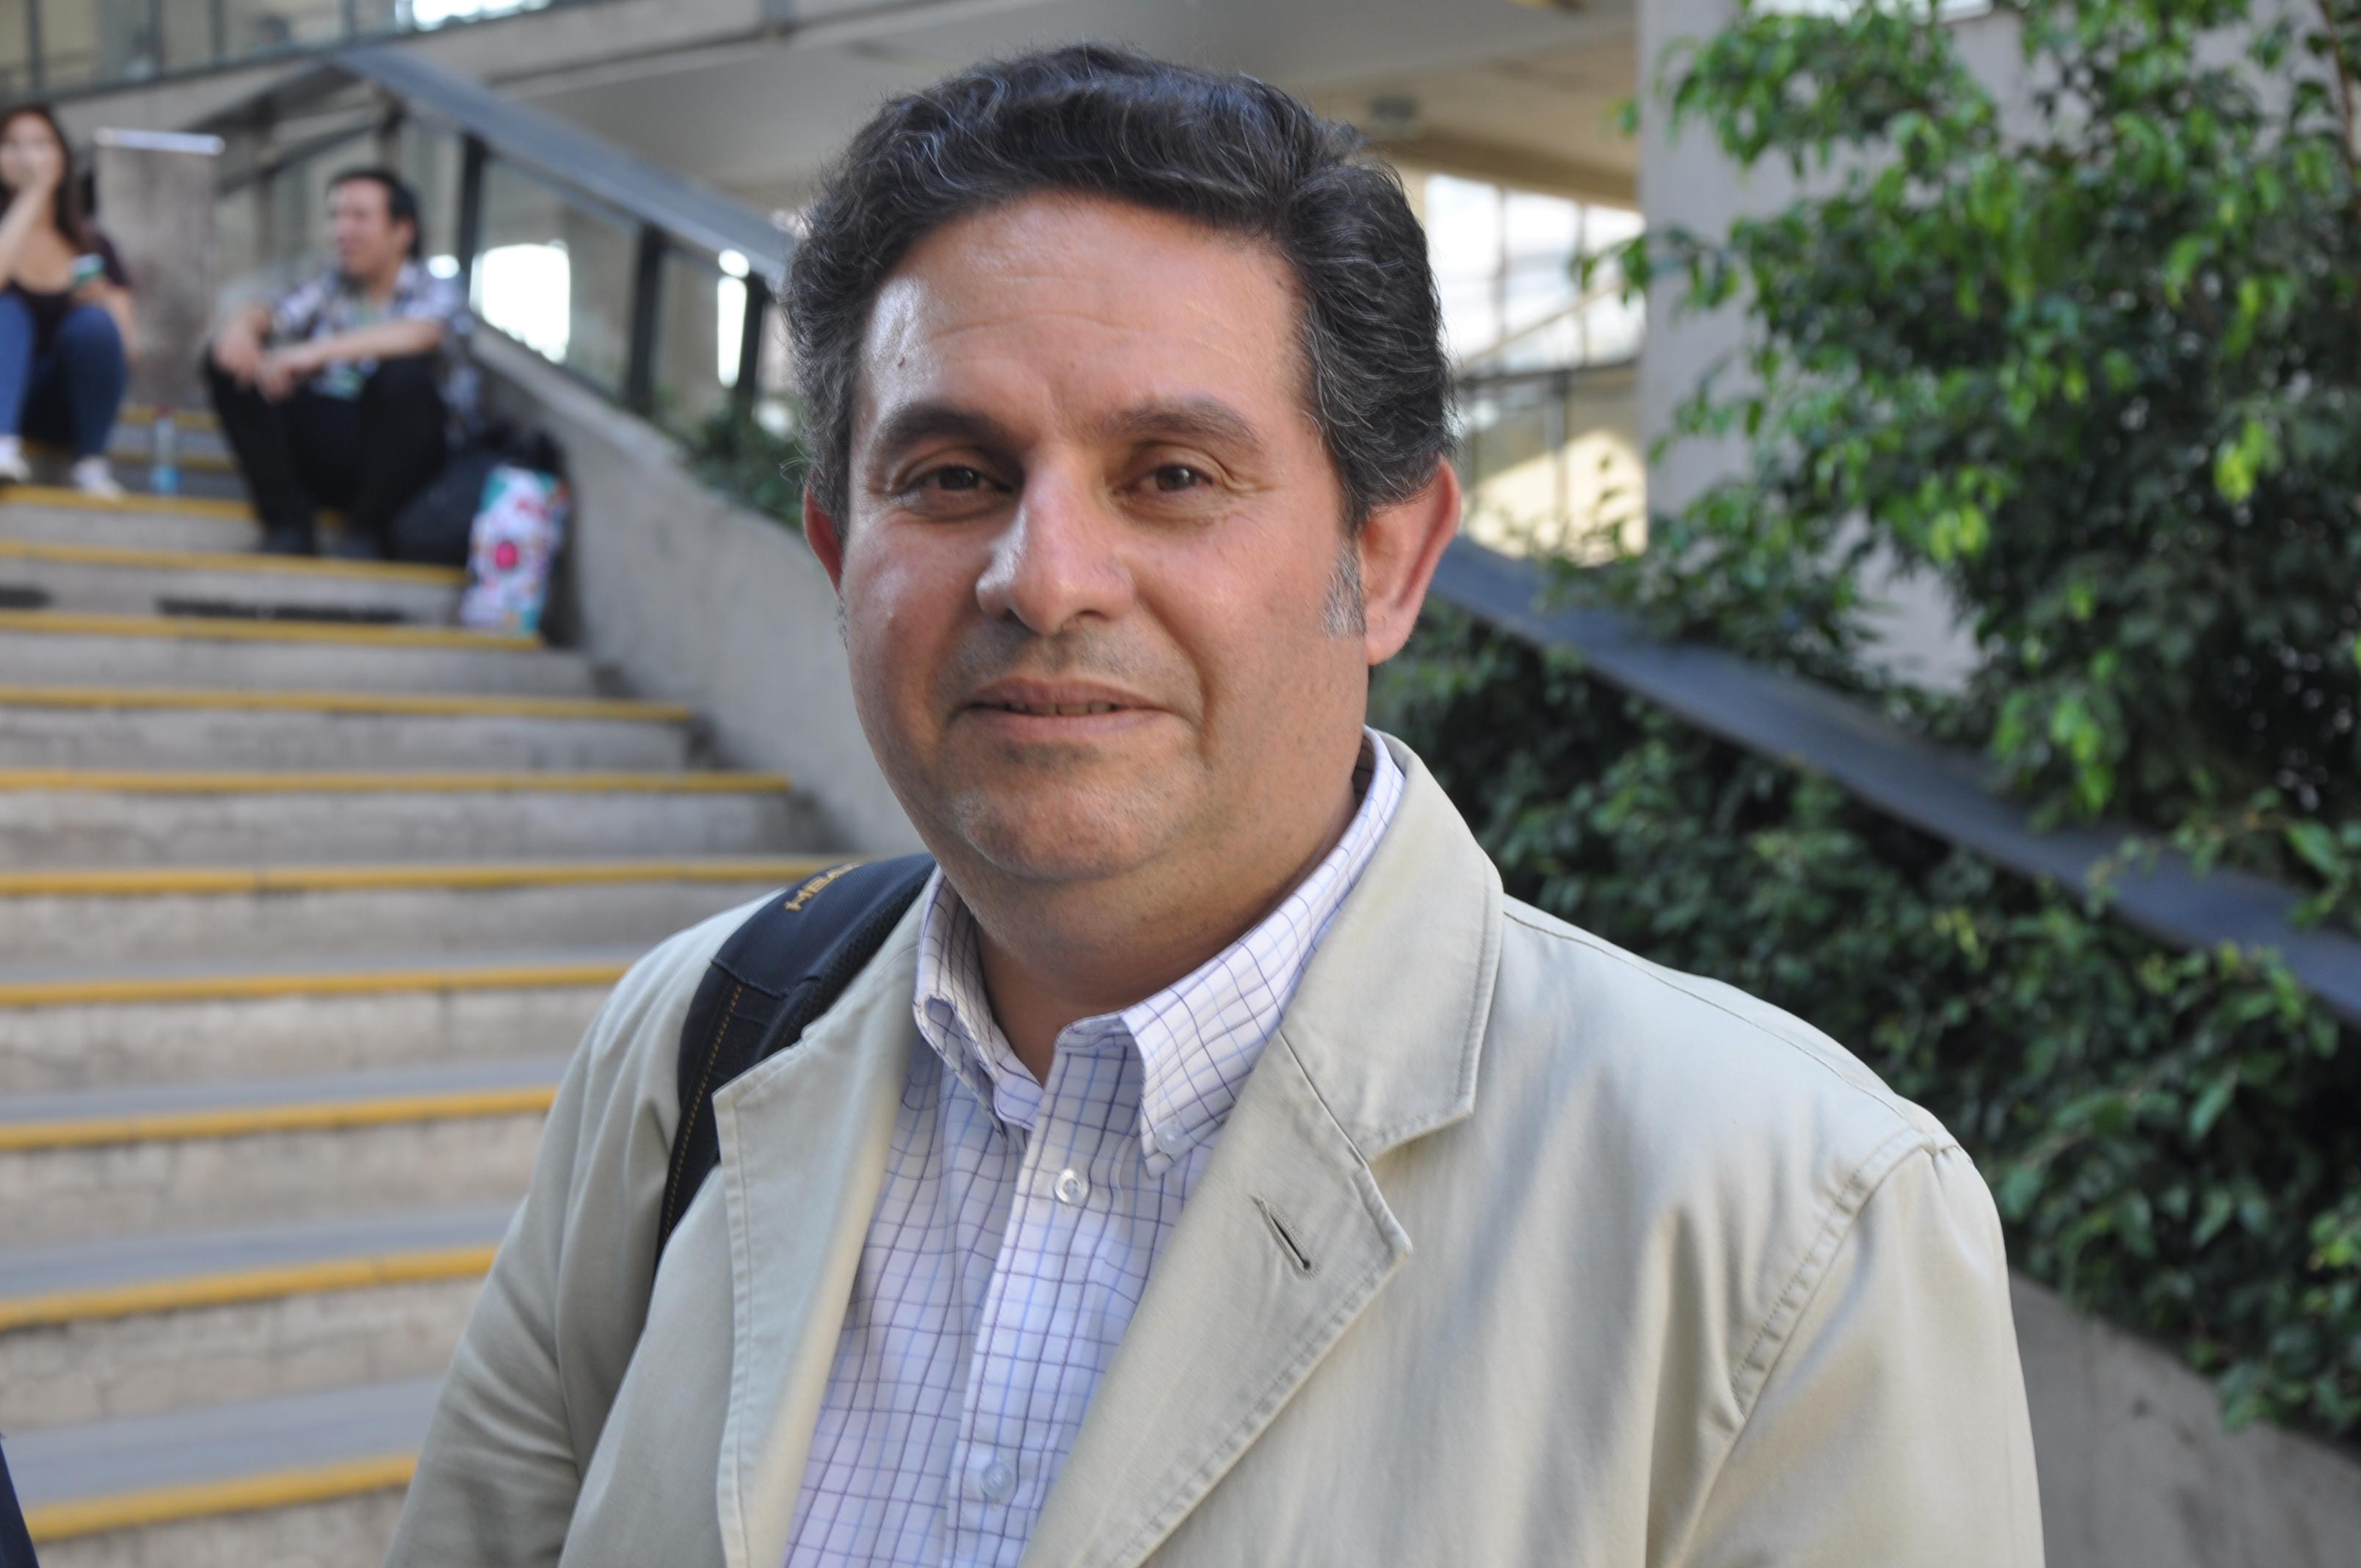 Raul Herrera